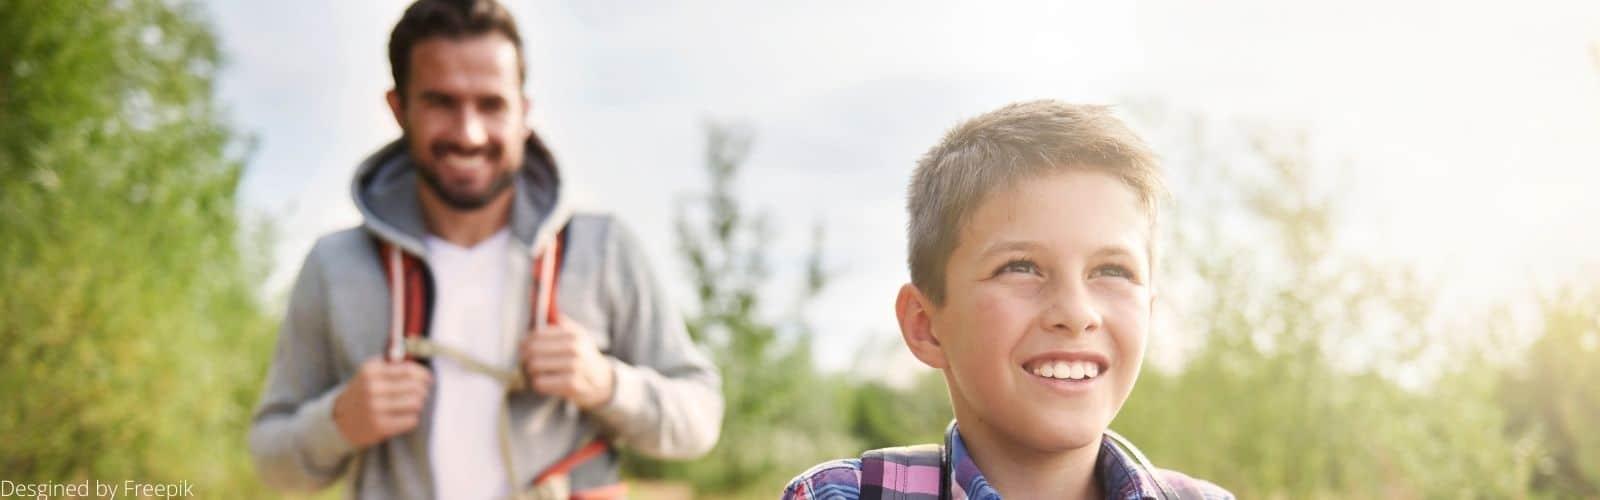 L'écologie expliquée aux enfants : nos conseils pour bien s'y prendre !